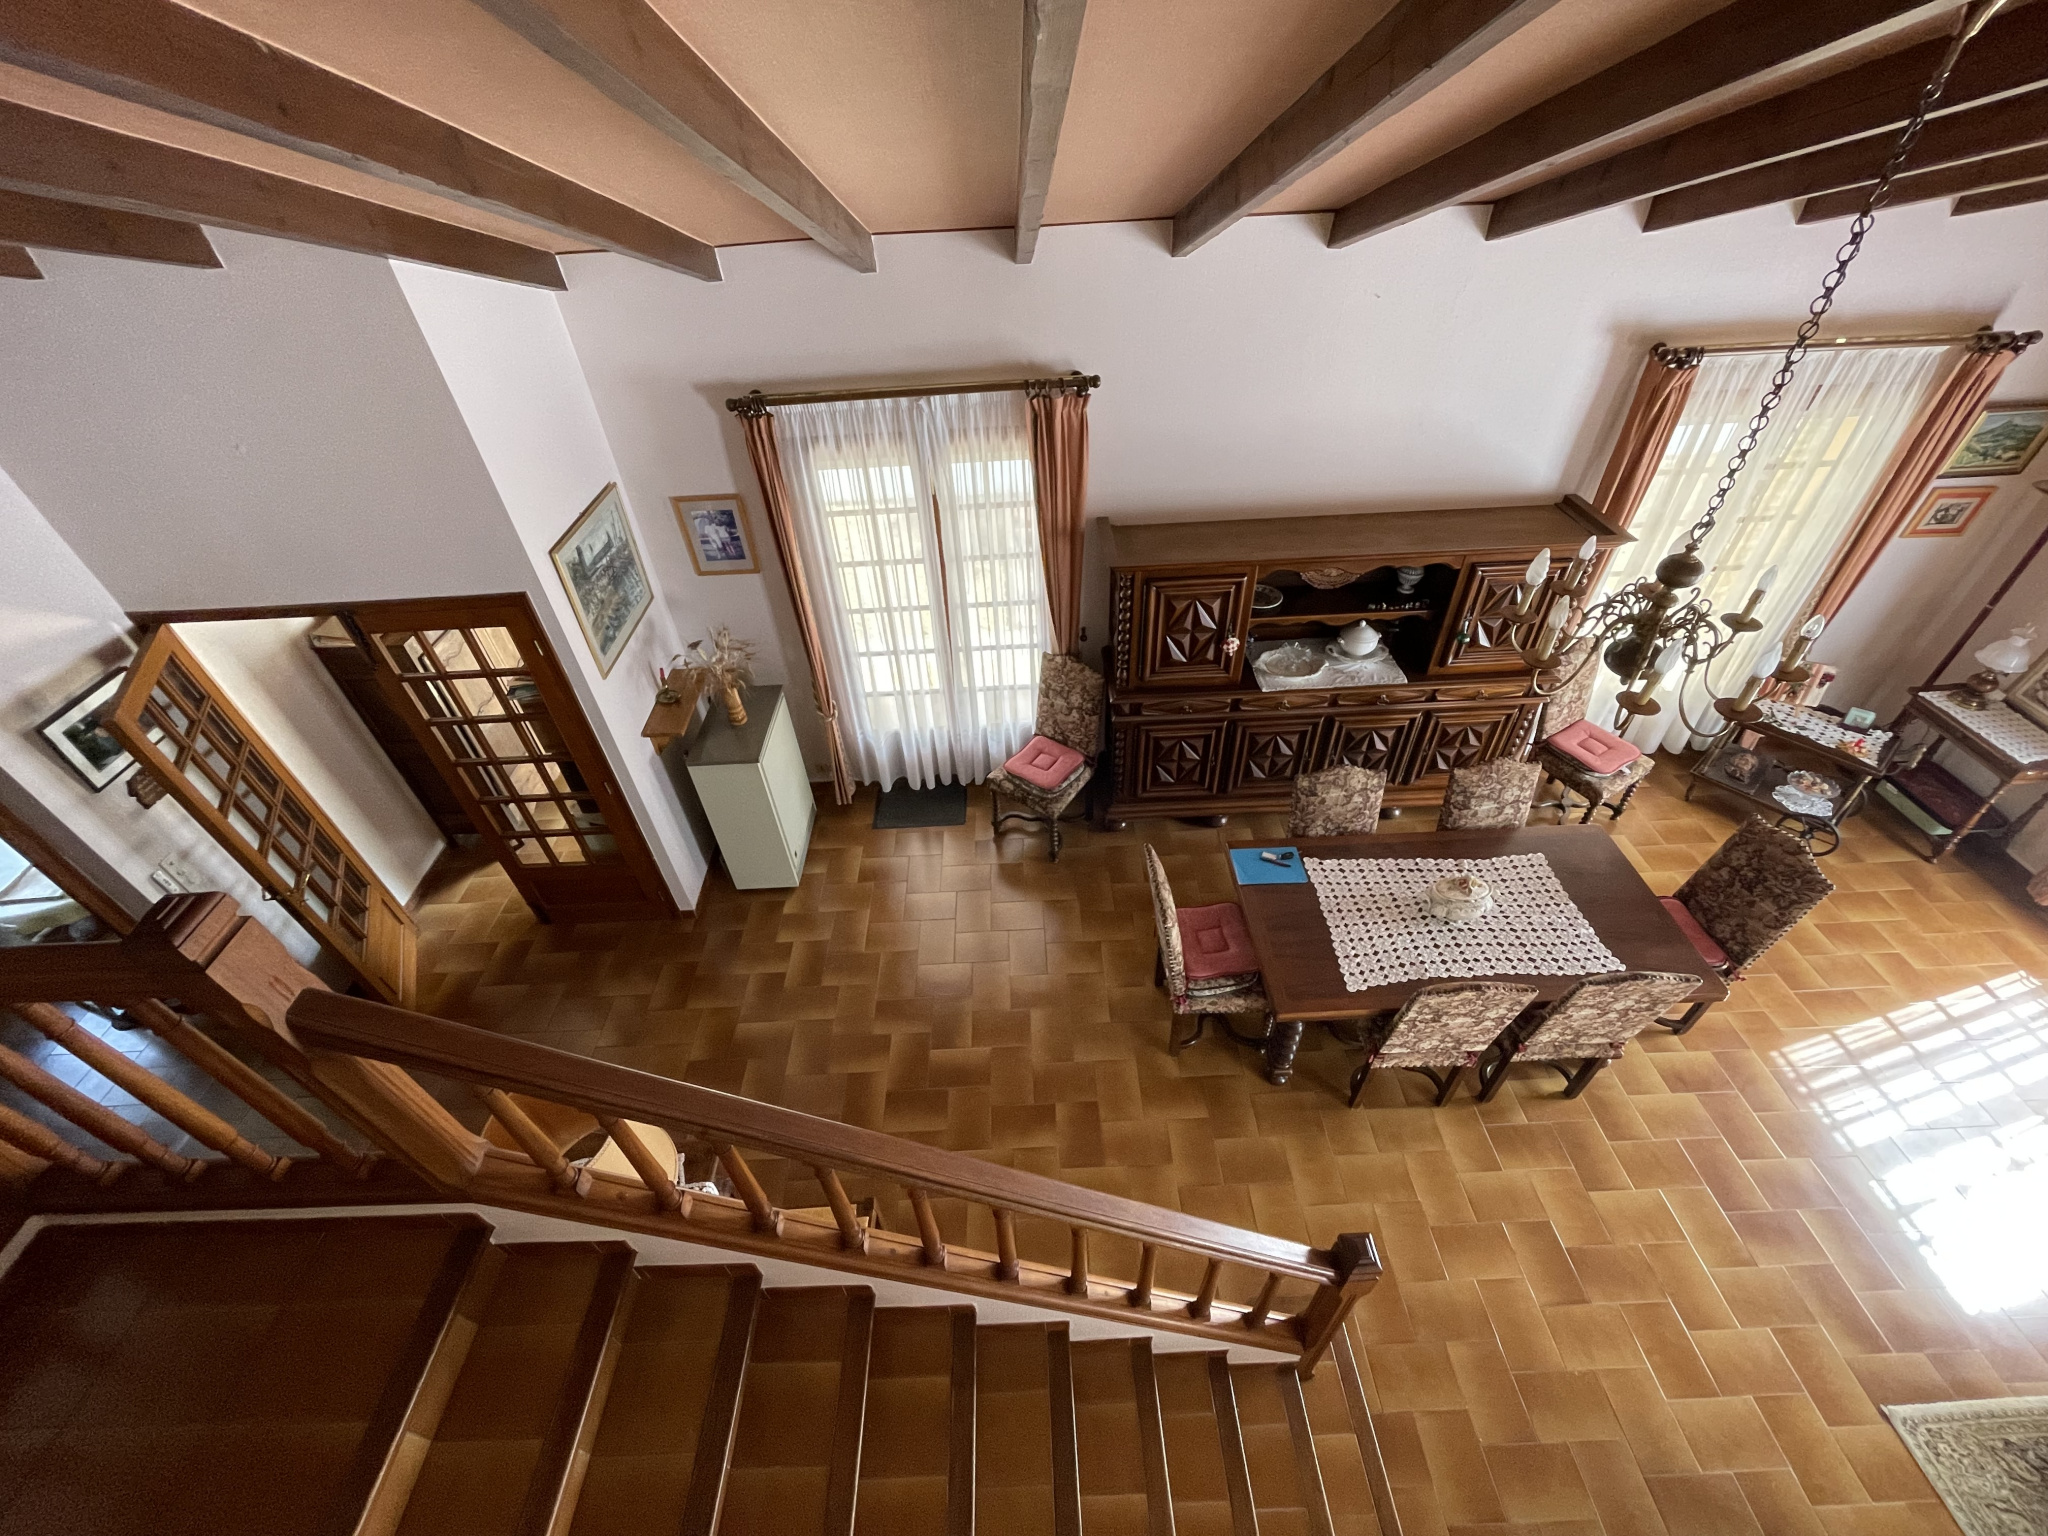 À vendre maison/villa de 170m2 à sorede (66690) - Photo 23'